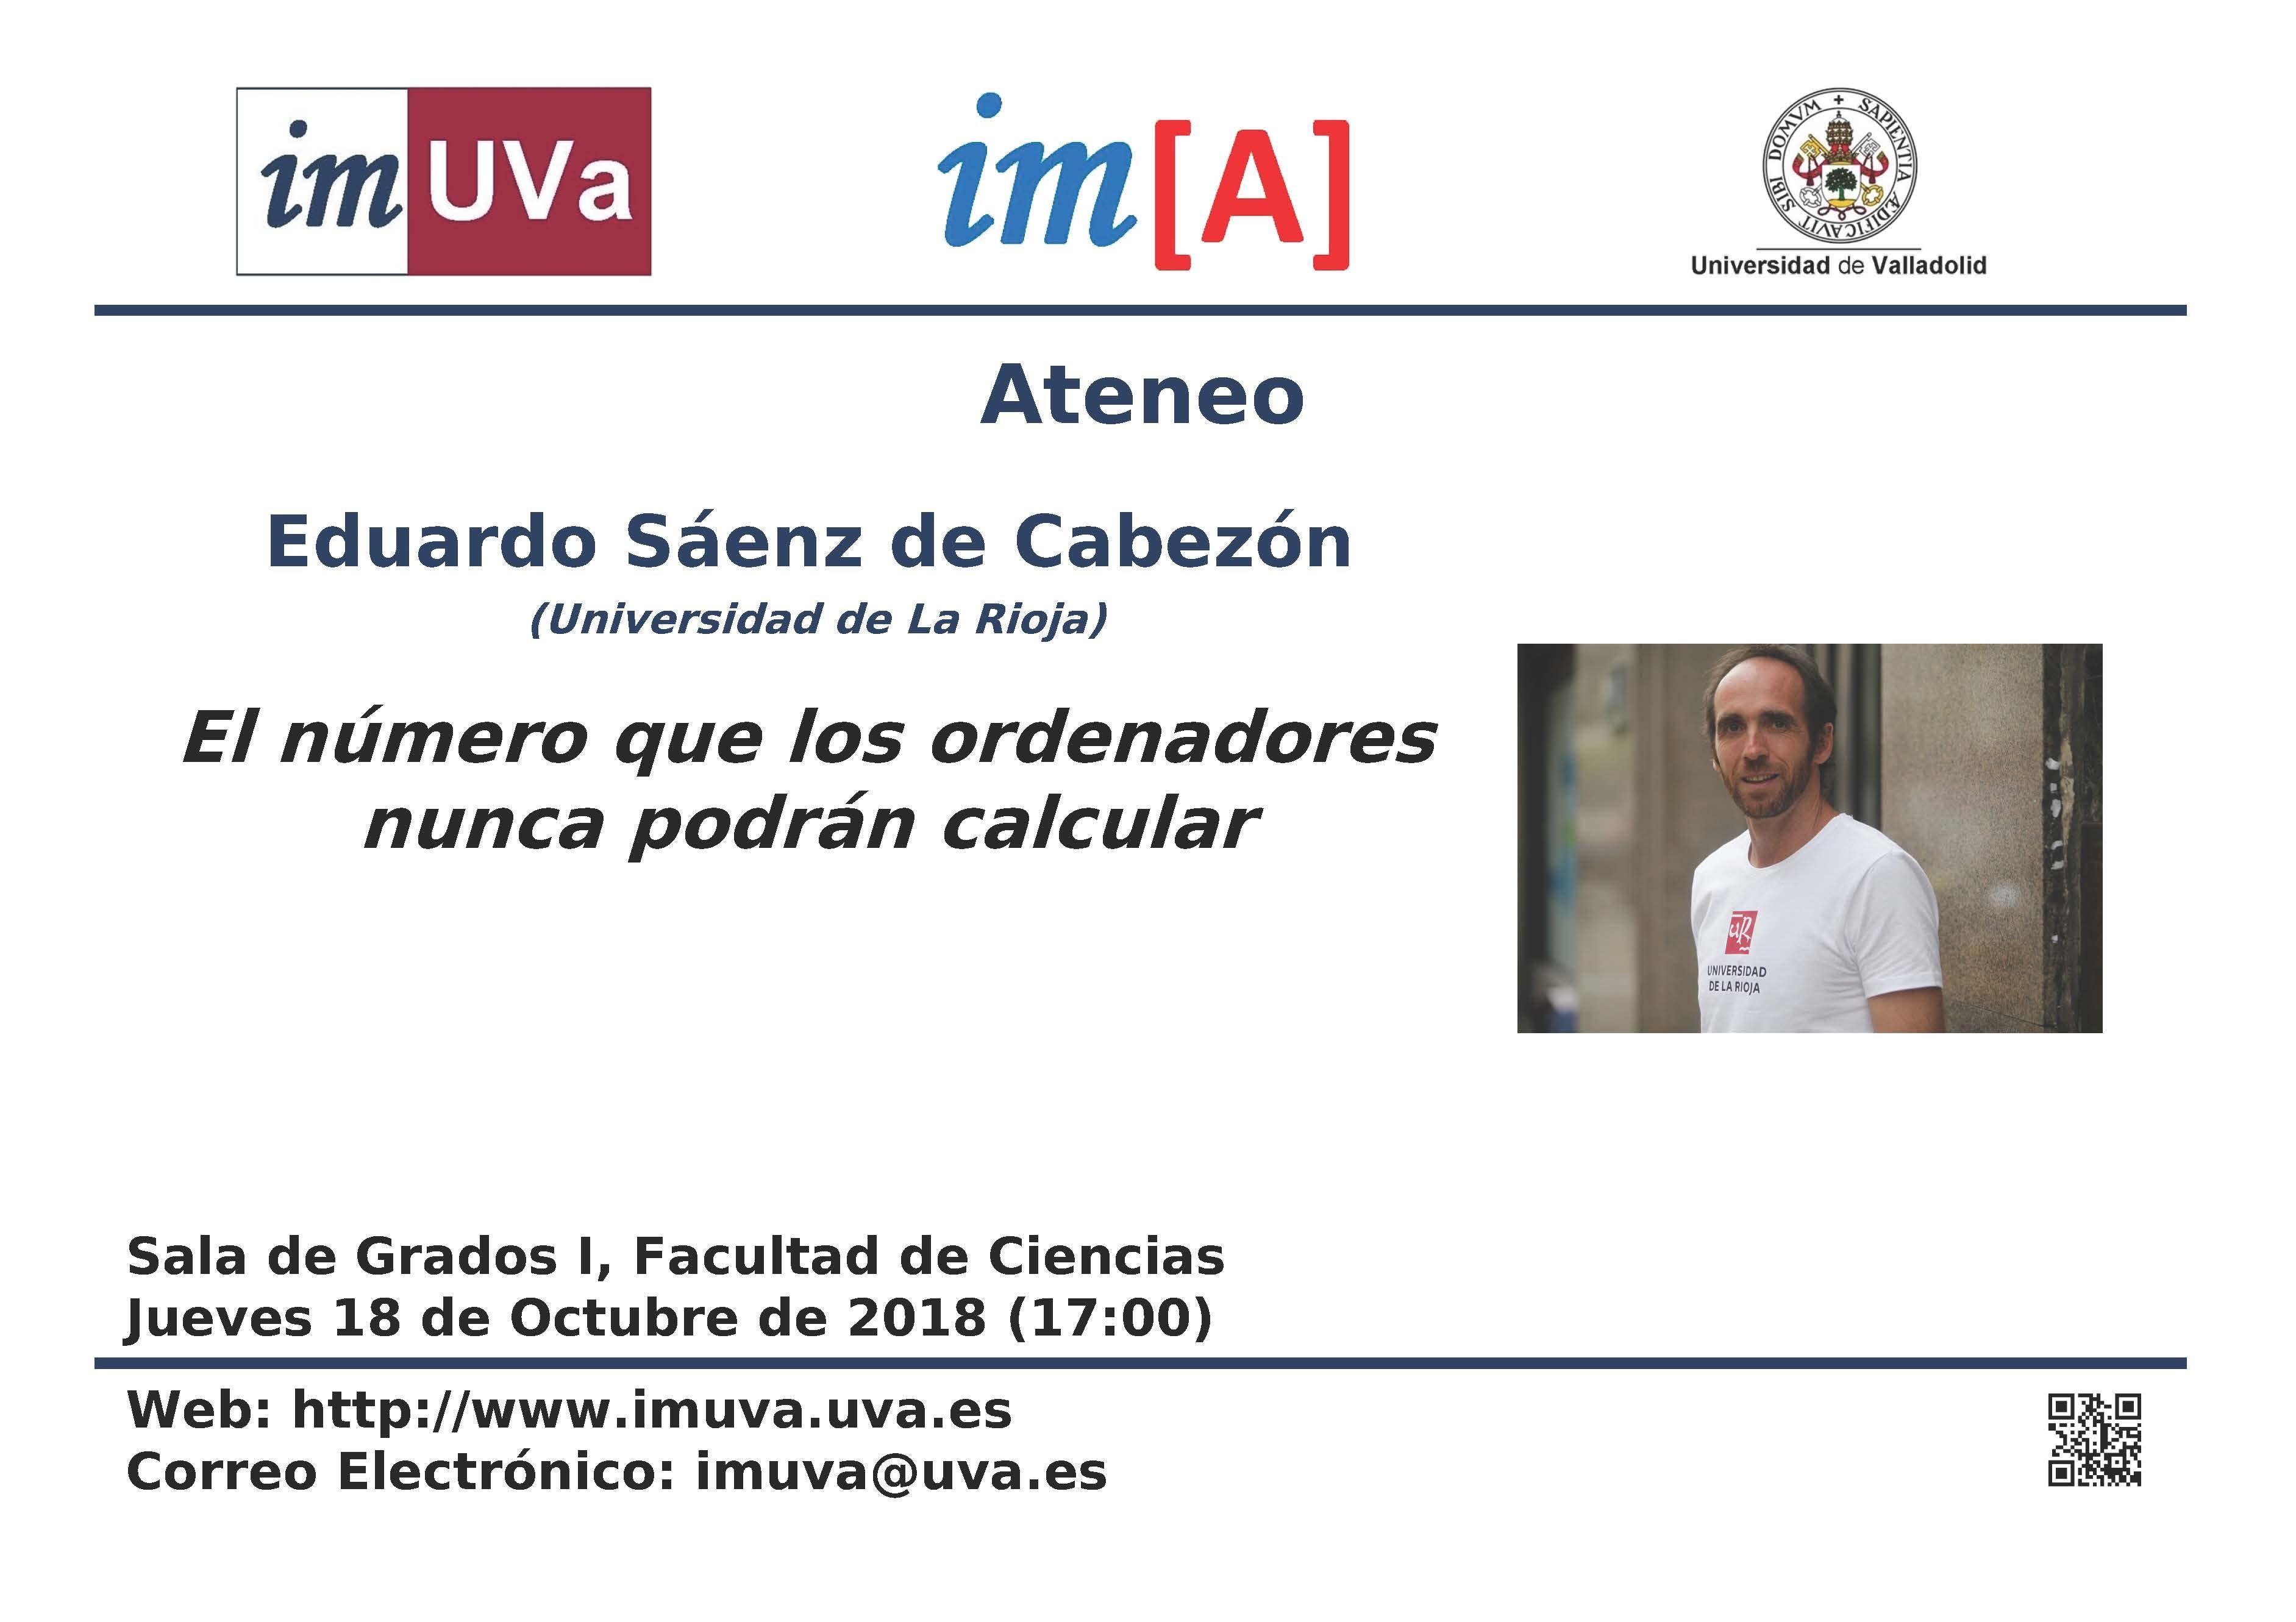 Conferencia en el Ateneo del divulgador Eduardo Sáenz de Cabez³n